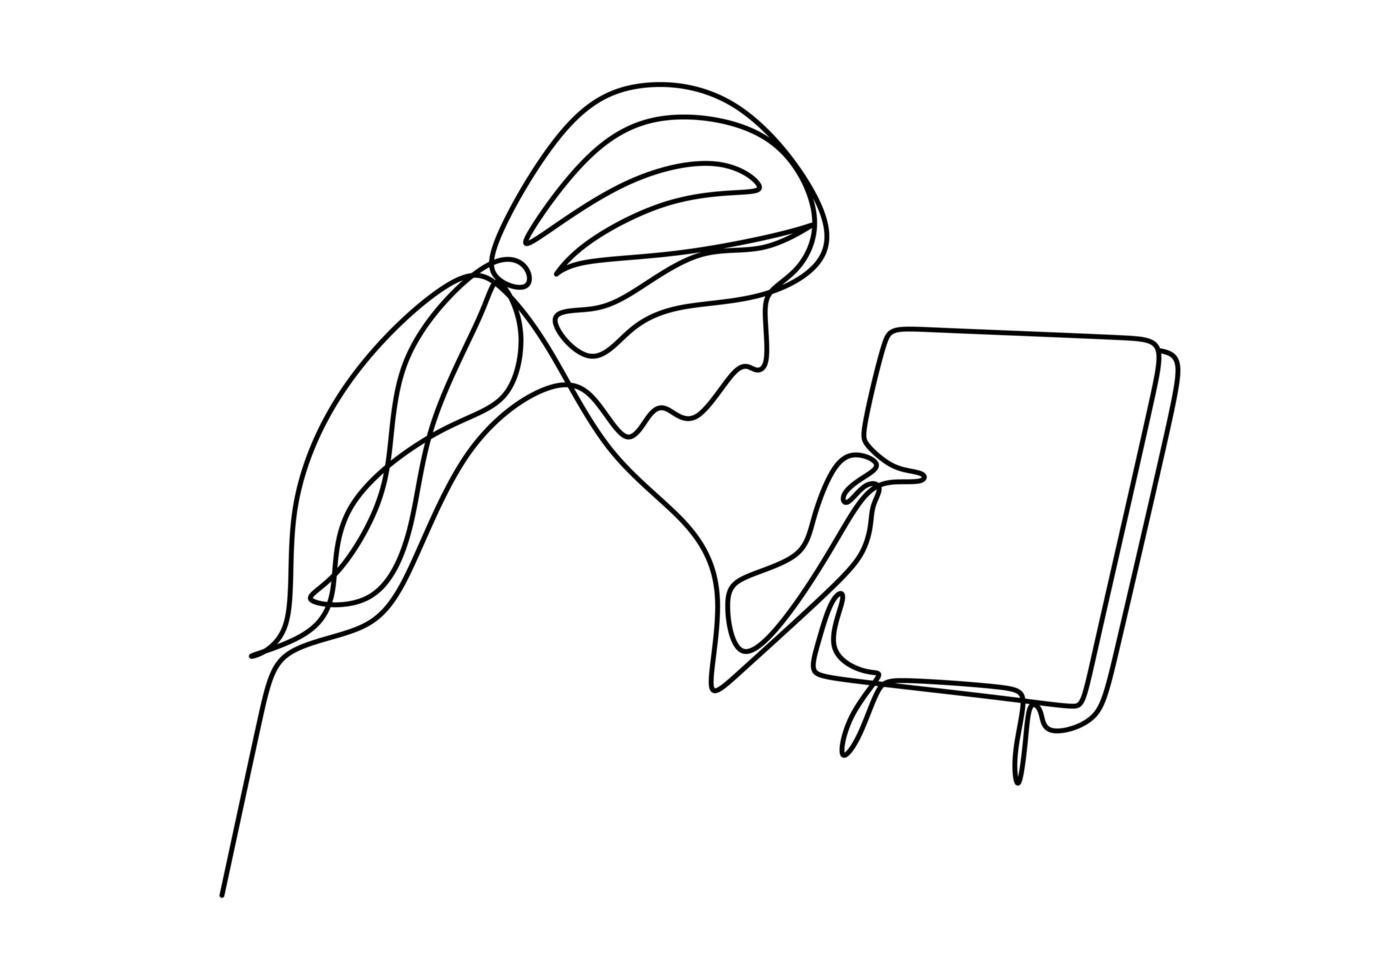 un solo dibujo continuo. una niña pintando sobre lienzo, ilustración vectorial, aislada sobre fondo blanco. vector